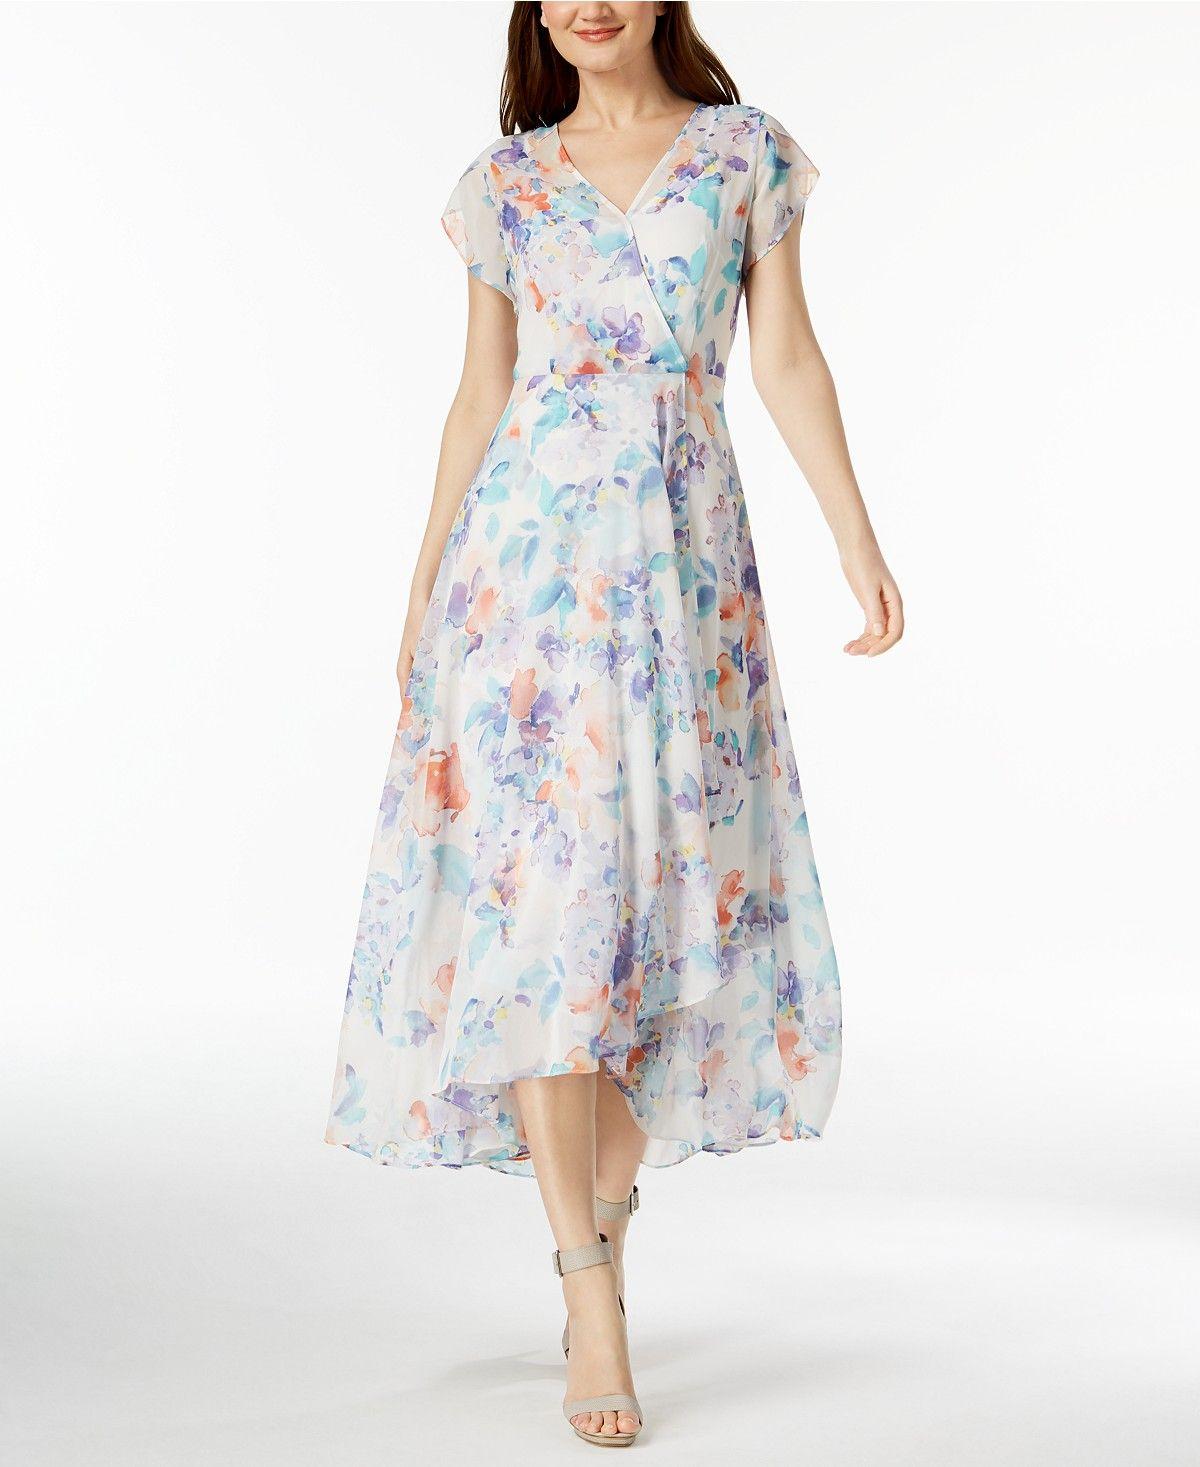 e390e57a4edc Calvin Klein Floral-Print Chiffon Maxi Dress - Dresses - Women - Macy s